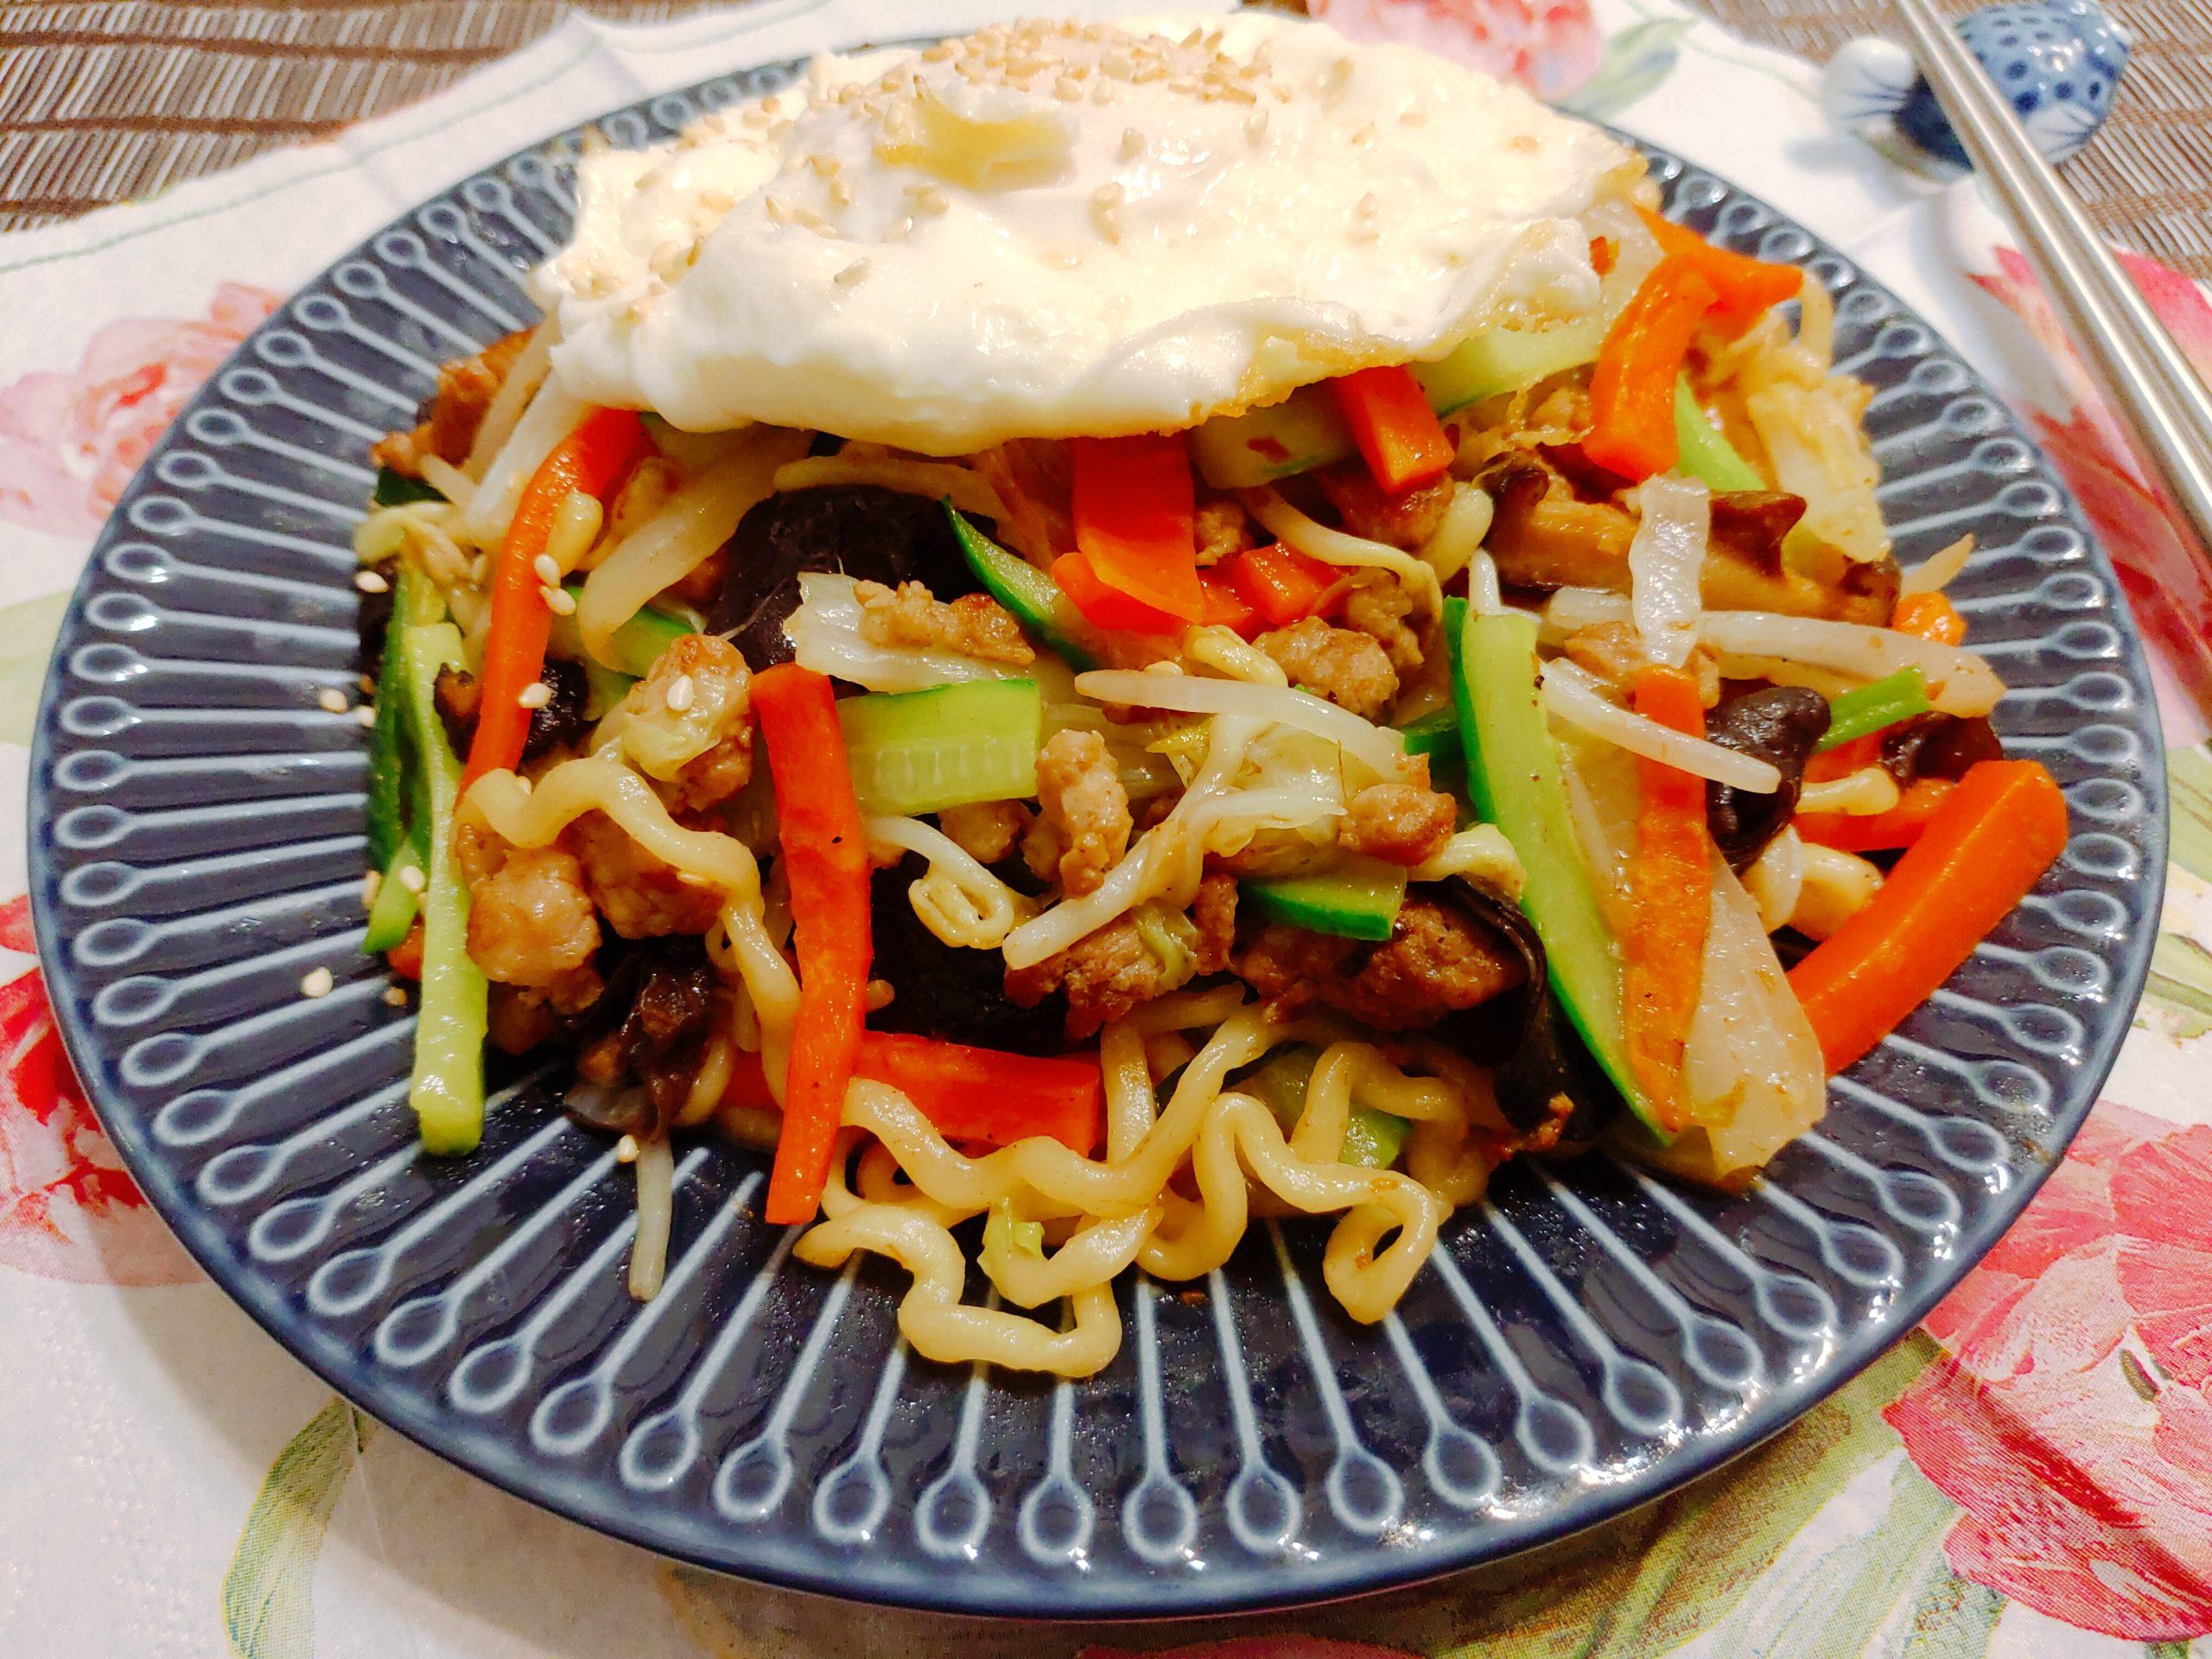 【食譜】炒泡麵|簡單毫無難度又好吃,十分鐘就上桌